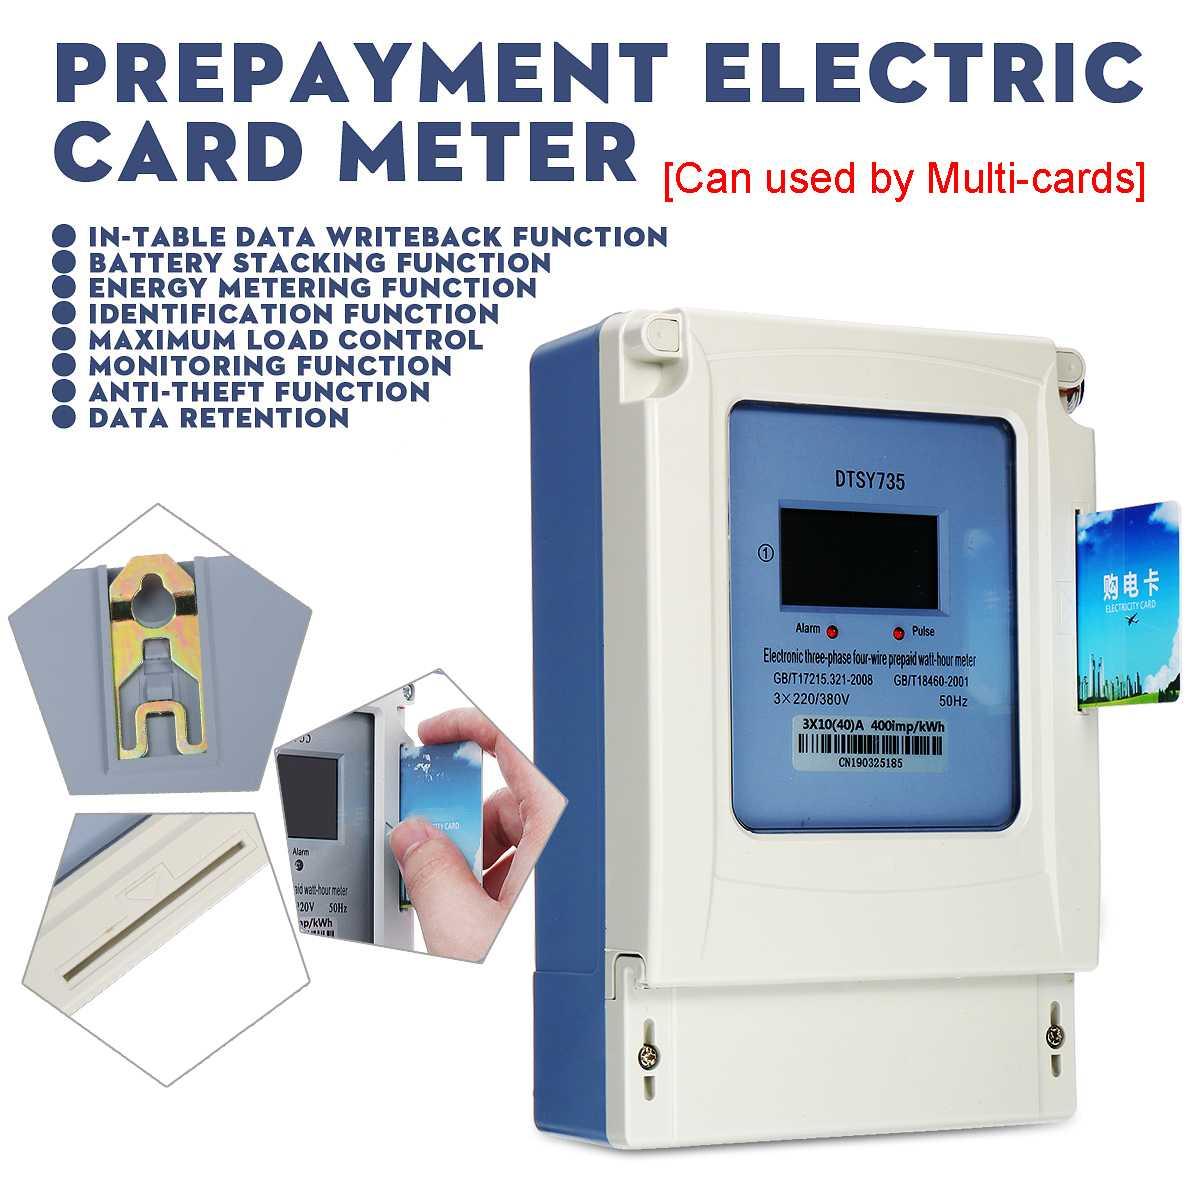 Compteur d'énergie 3 phases 4 fils 3x220/380 V prépaiement compteur de carte électrique énergie multi-utilisateur LCD rétro-éclairage affichage numérique